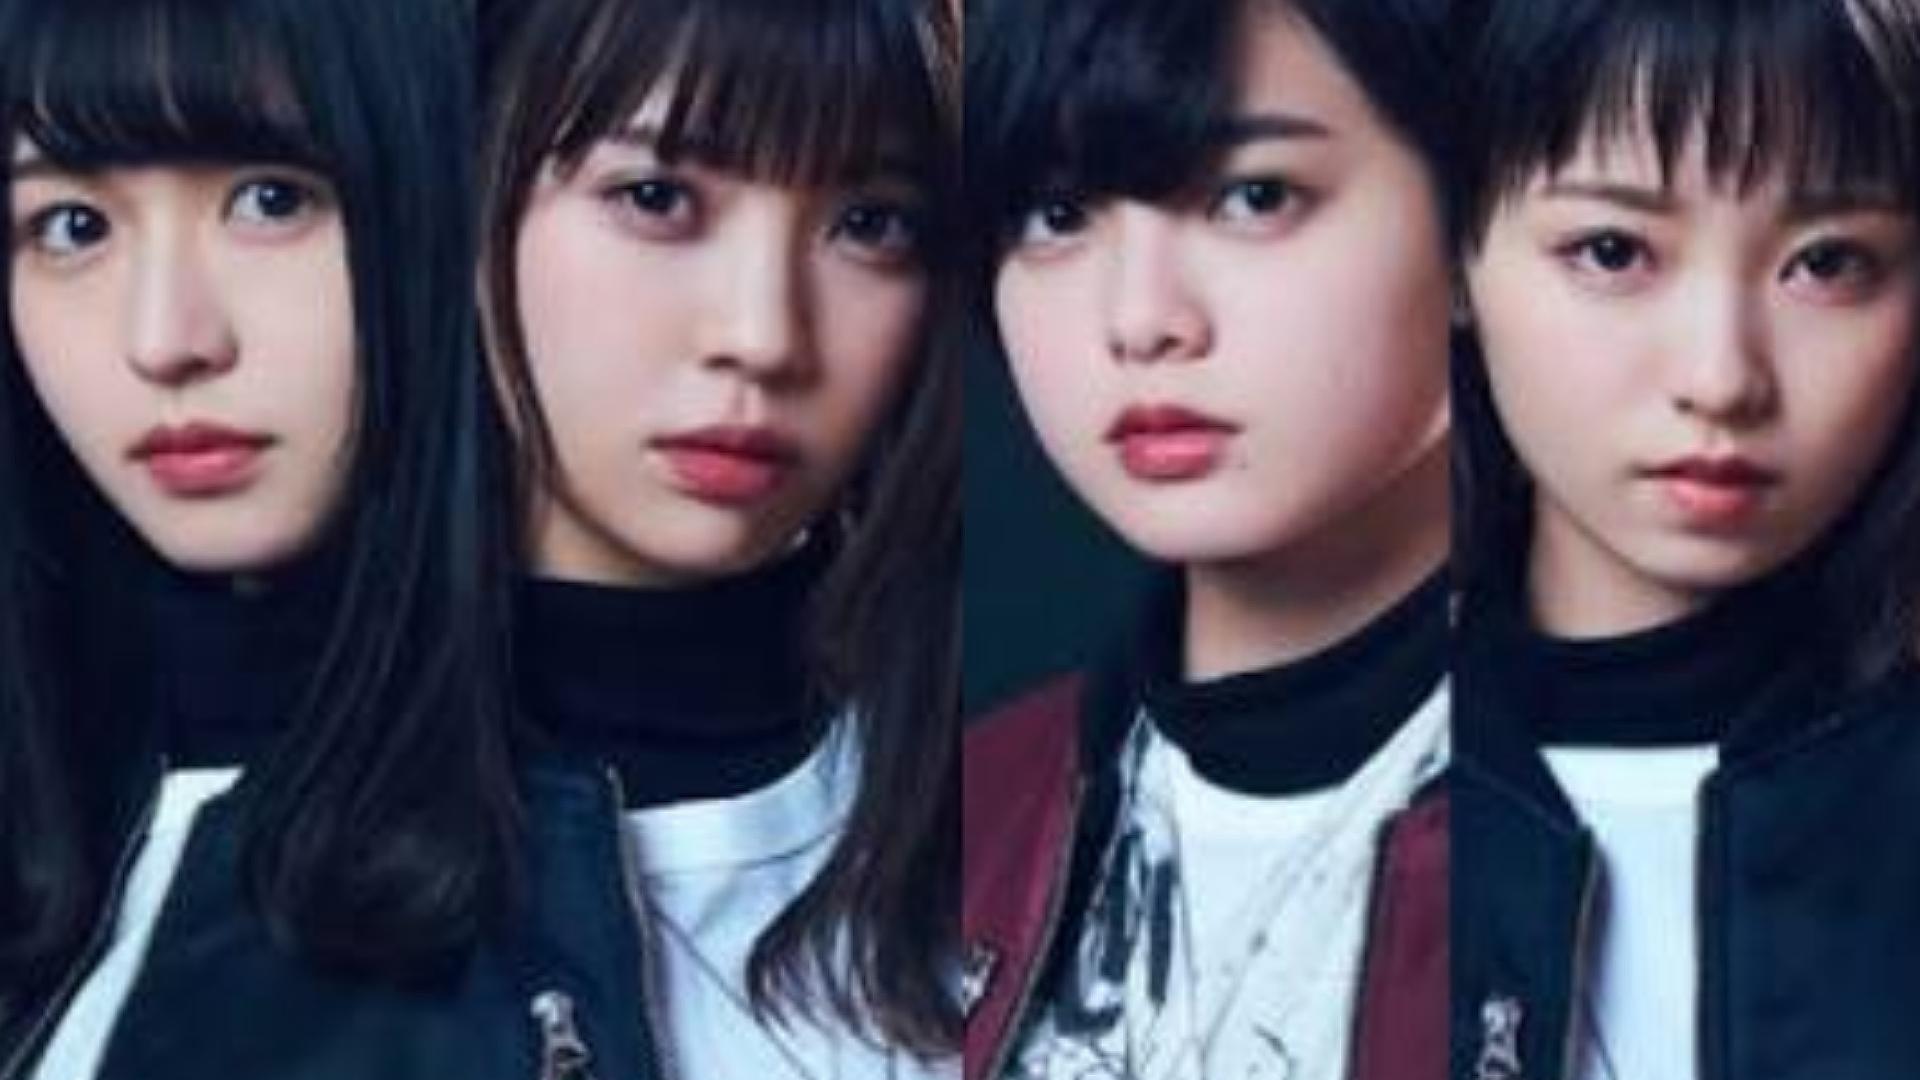 欅坂46 2ndアニラセンターにゆいちゃんずや長濱ねる 平手不在の影響 トピックショー 人生を全力で表現する人達を応援するサイト